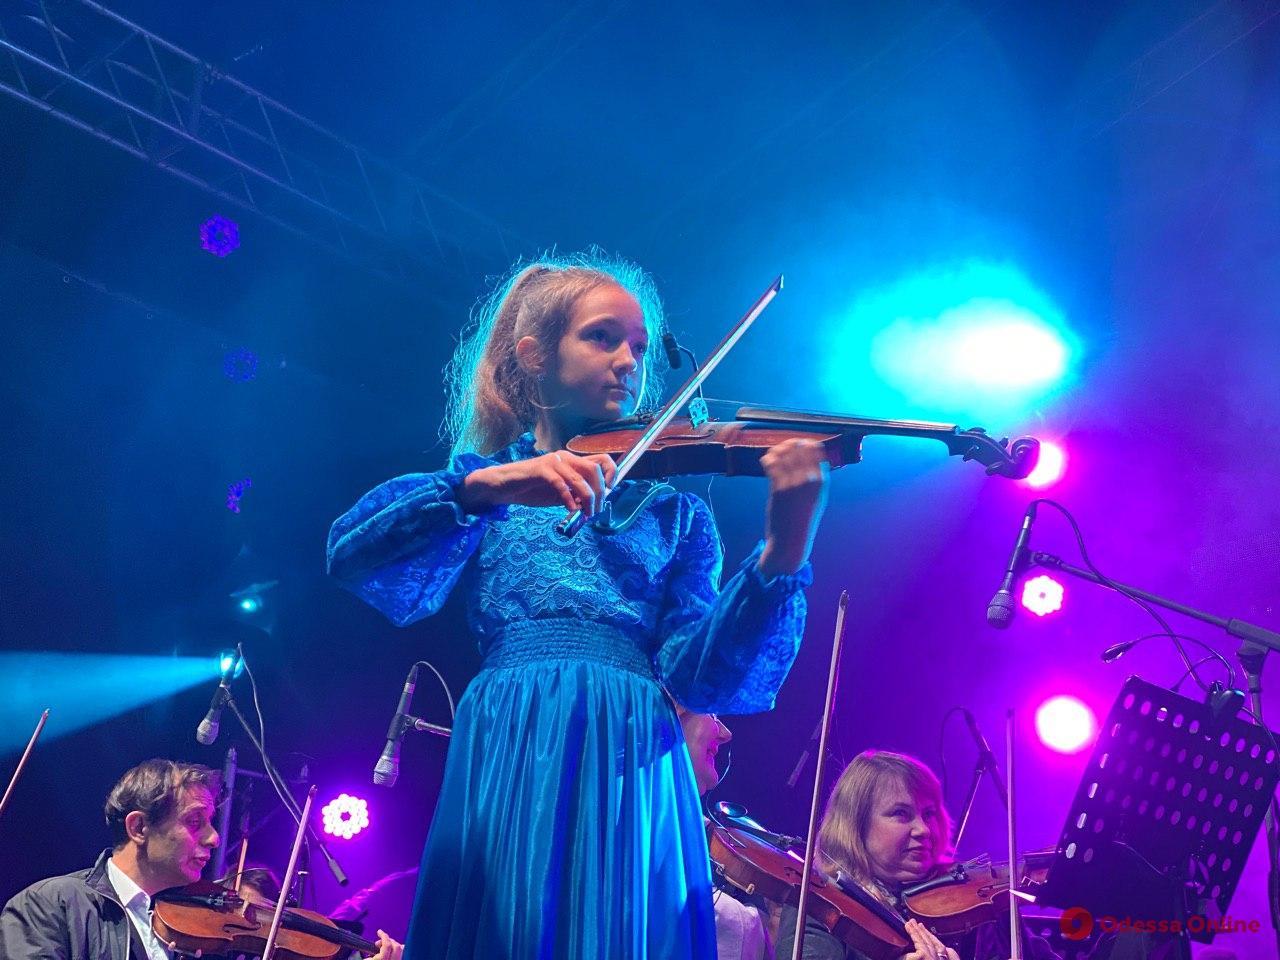 Open air в непогоду: в Летнем театре играли «золотые скрипки» (фоторепортаж)